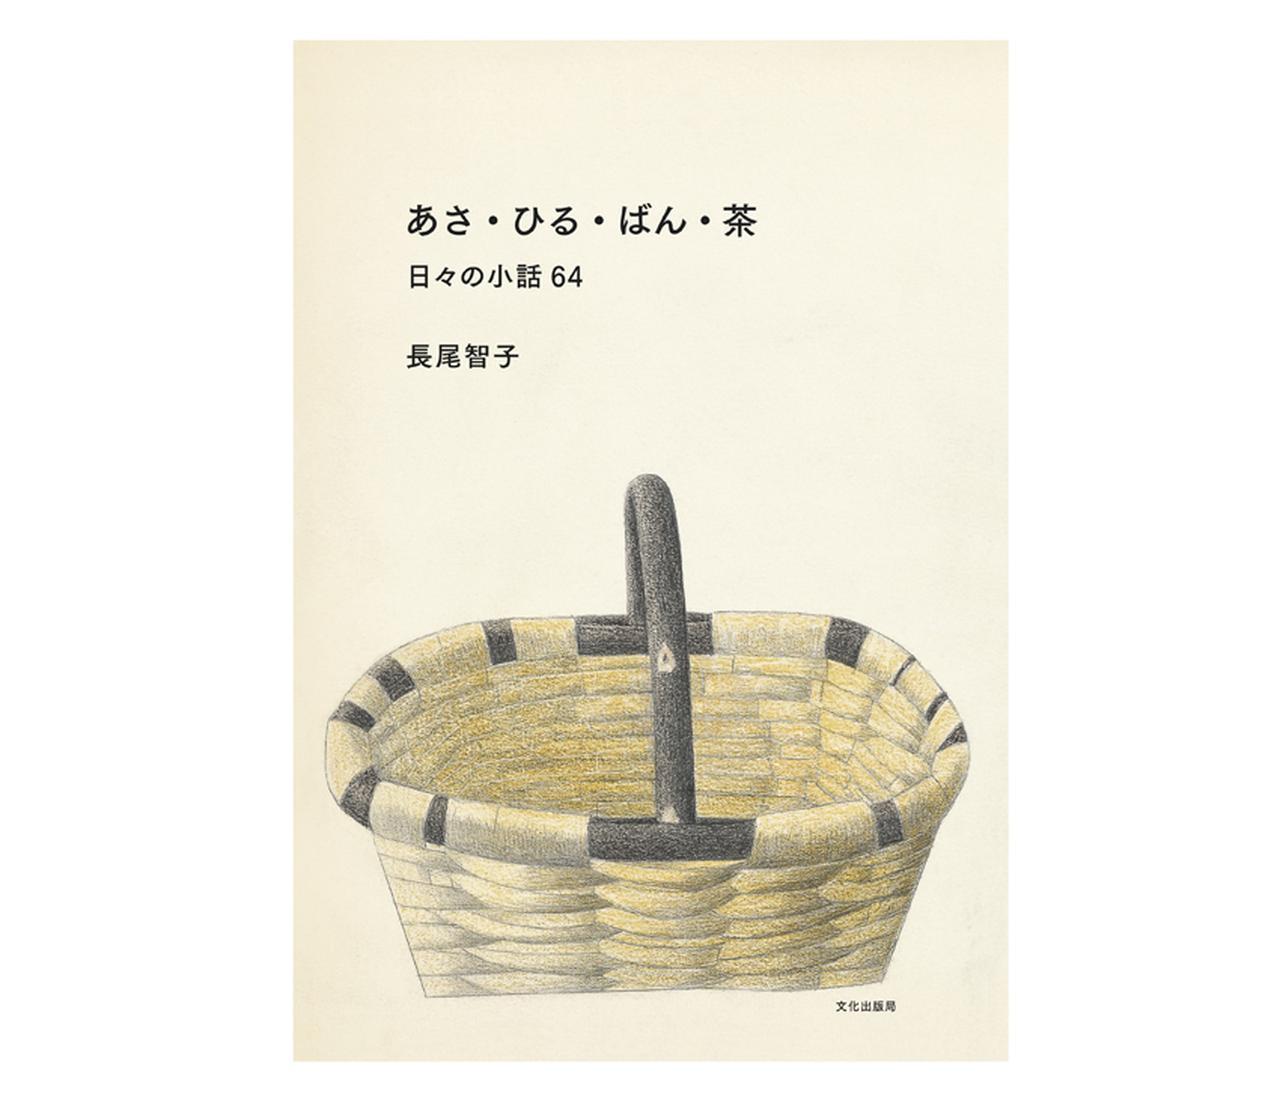 book 『あさ・ひる・ばん・茶』